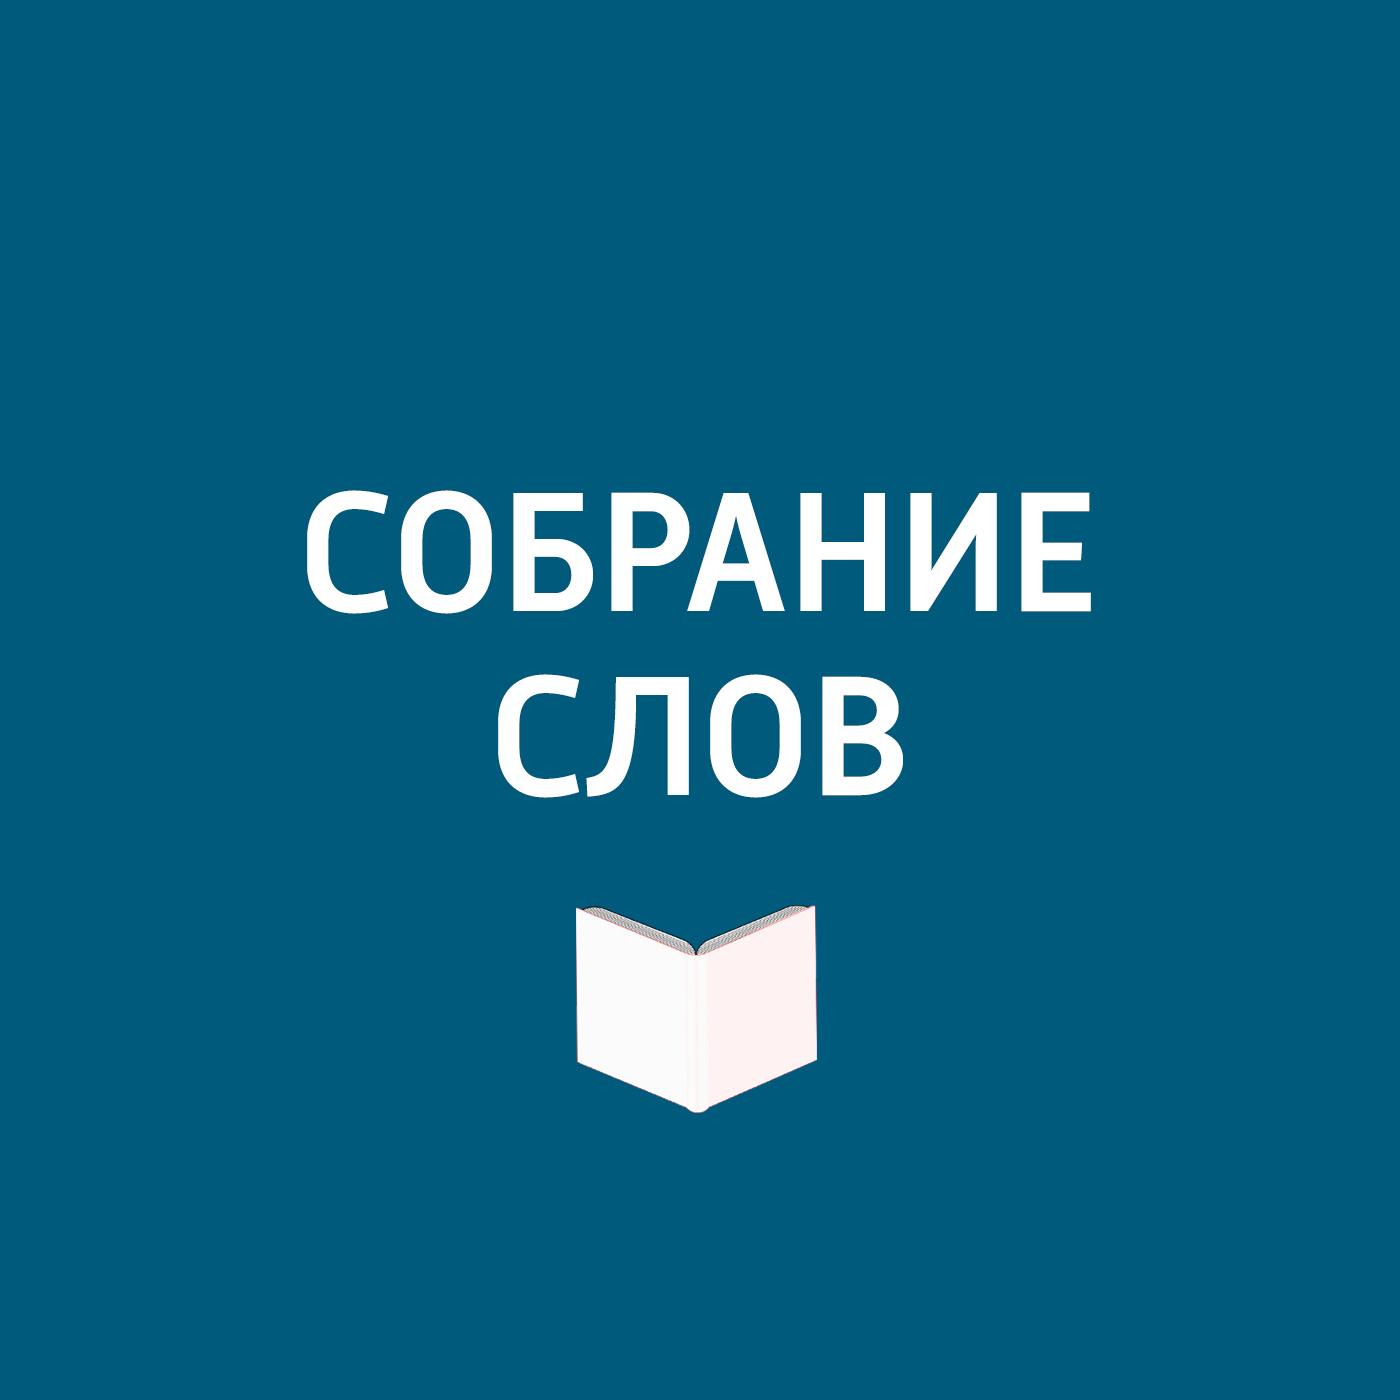 Творческий коллектив программы «Собрание слов» Большое интервью Олега Басилашвили